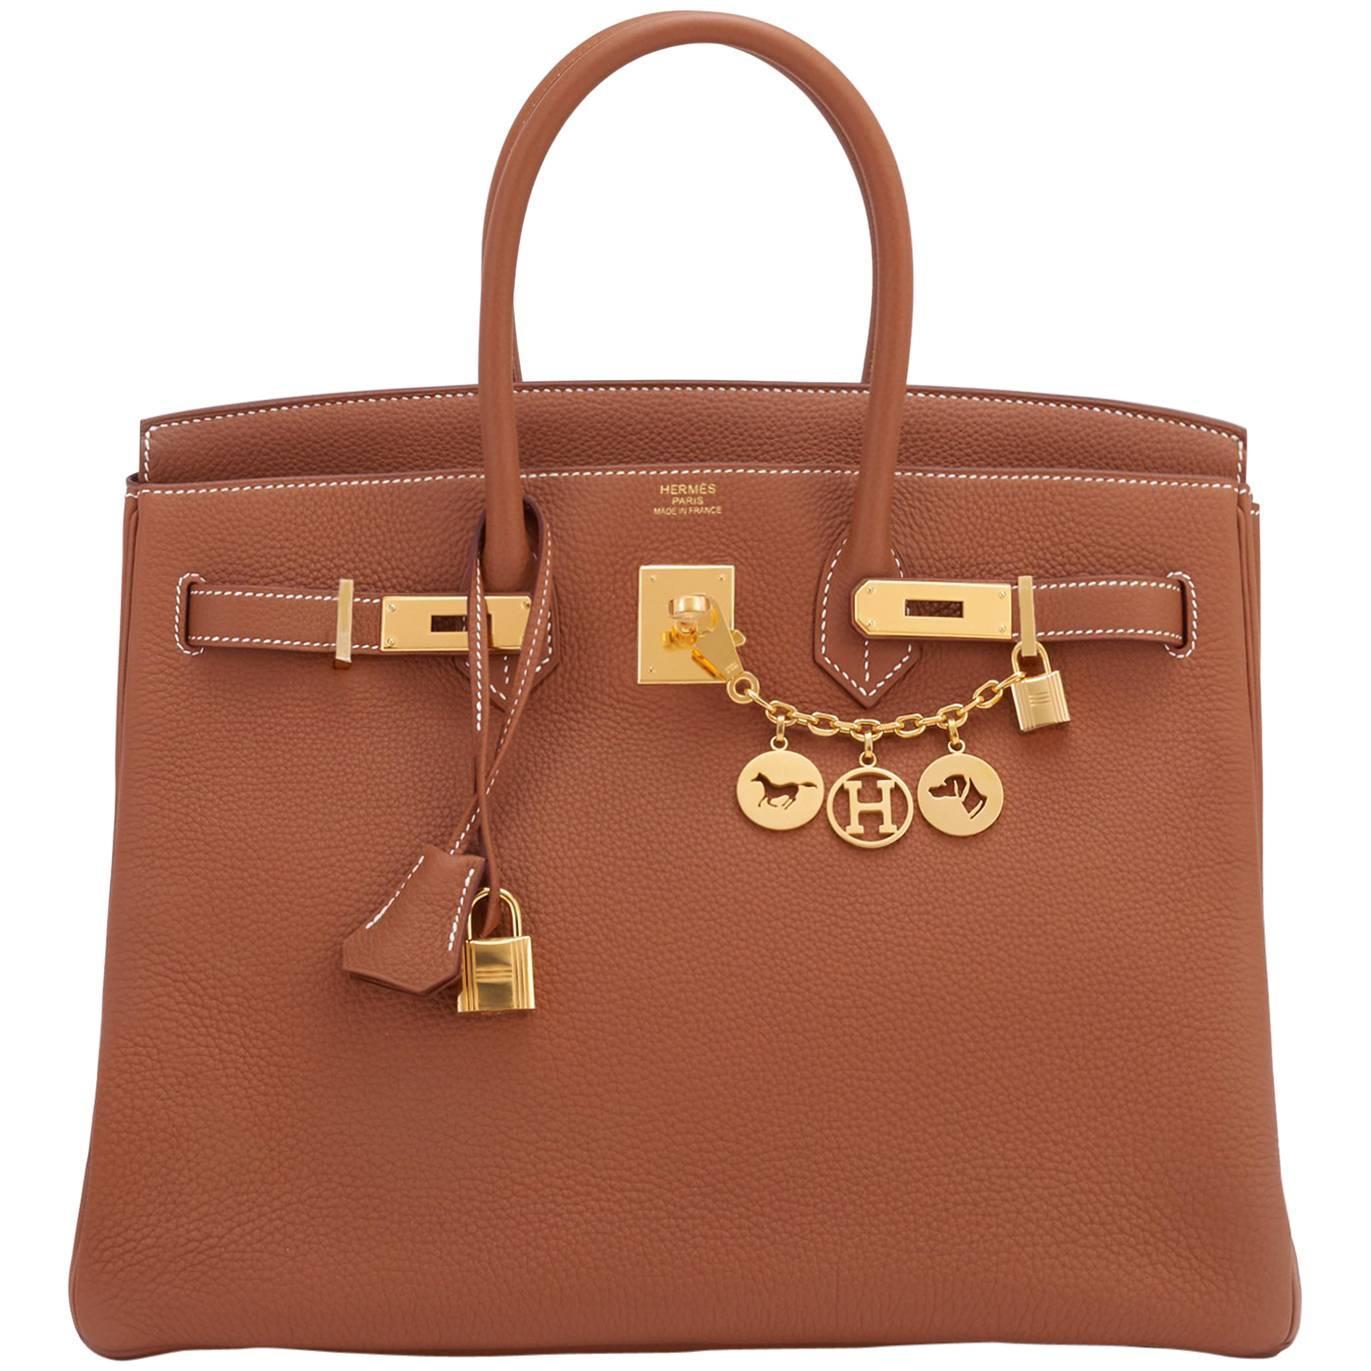 ... shop hermes 35cm gold togo camel tan gold hardware c stamp birkin bag  2018 4afa3 af969 3f3c8555e2d2b